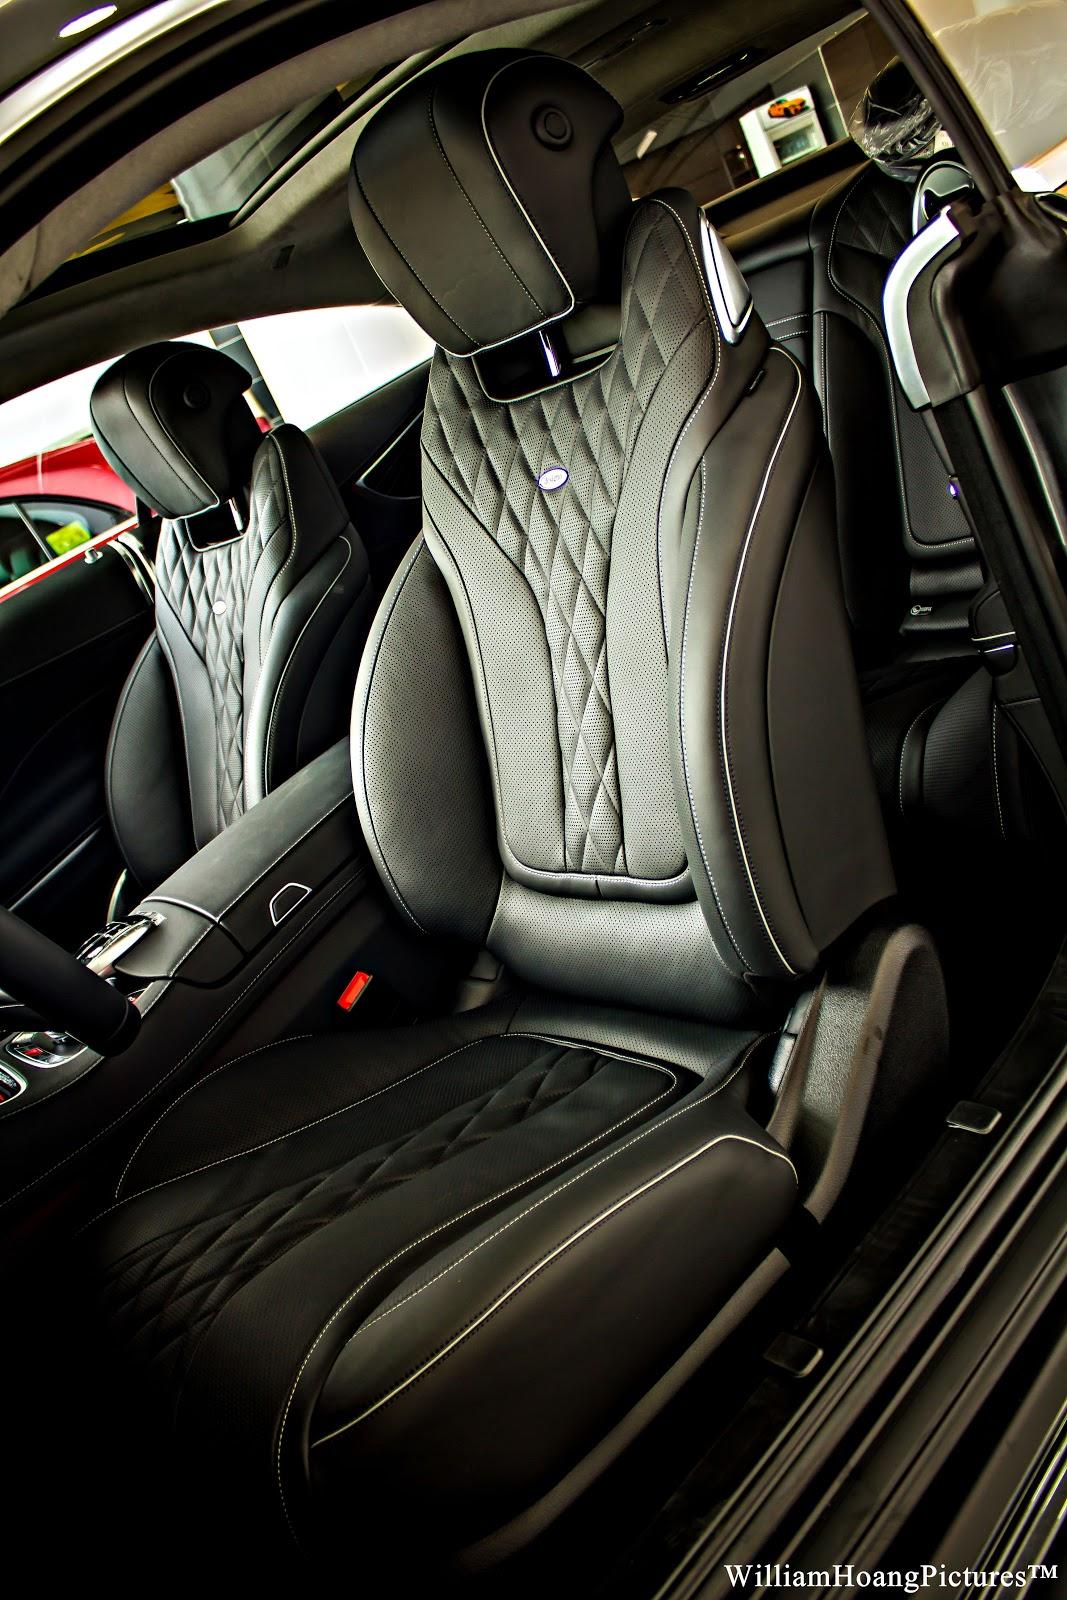 Hàng ghế thứ hai của xe ở đẳng sau bức ảnh, rất rộng rãi, xóa bỏ quan niệm coupe có hàng ghế sau chật chội